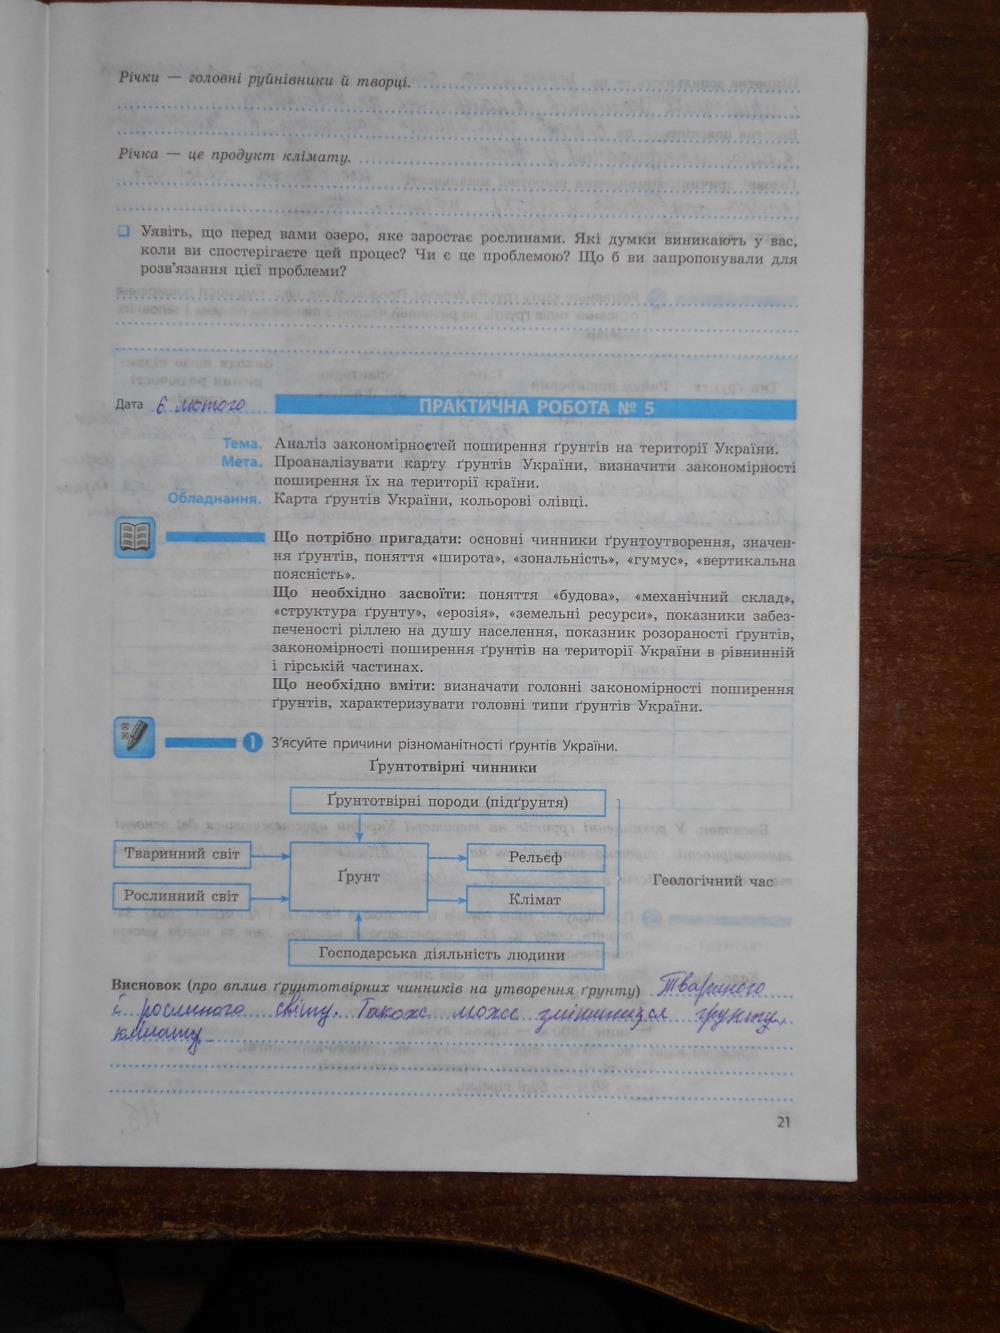 ГДЗ відповіді робочий зошит по географии 8 класс Т.Г. Гільберг, В.М. Проценко. Задание: стр. 21